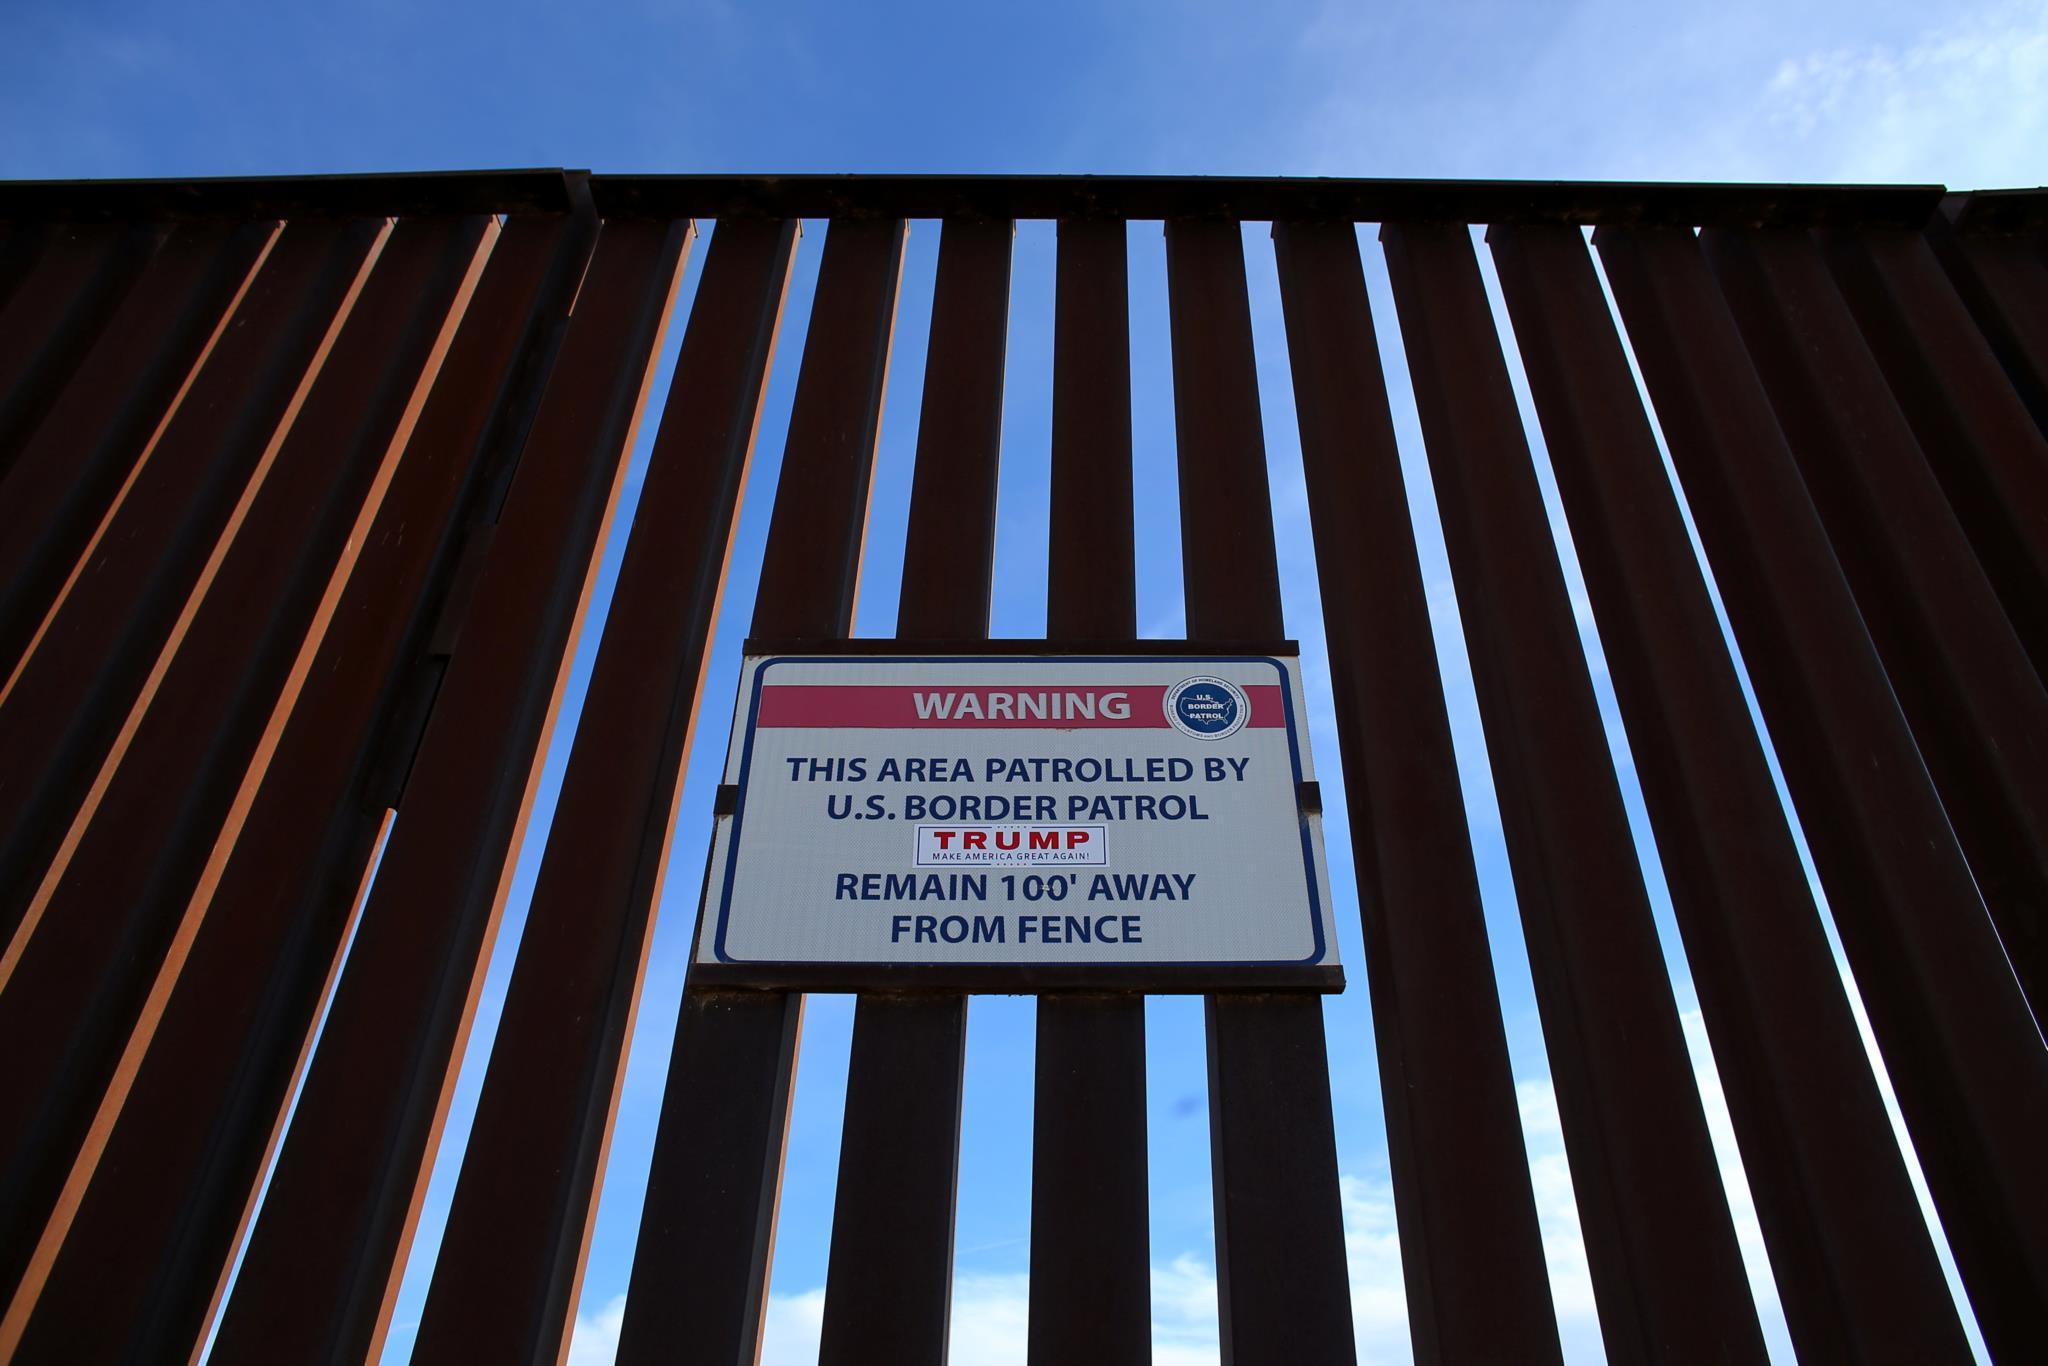 PÚBLICO - Trump arrisca paralisar o Governo para construir o muro na fronteira